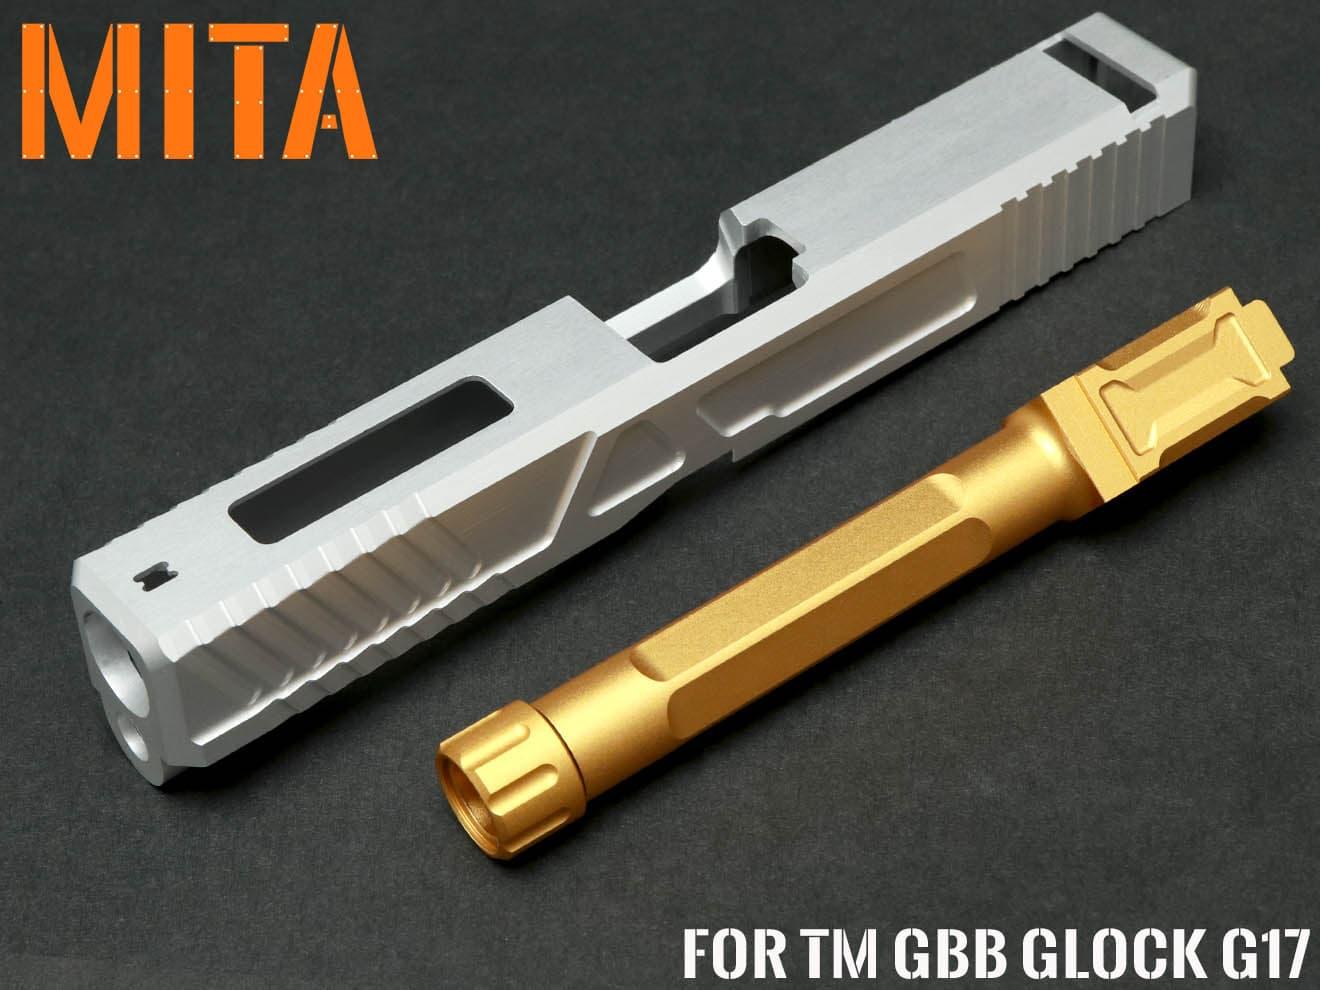 MITA アルミスライドCNC カスタムスライドキット for TM GBB G17◆光沢シルバー マルイグロックG17 ヘキサゴンフルートバレル 14mm逆ネジ